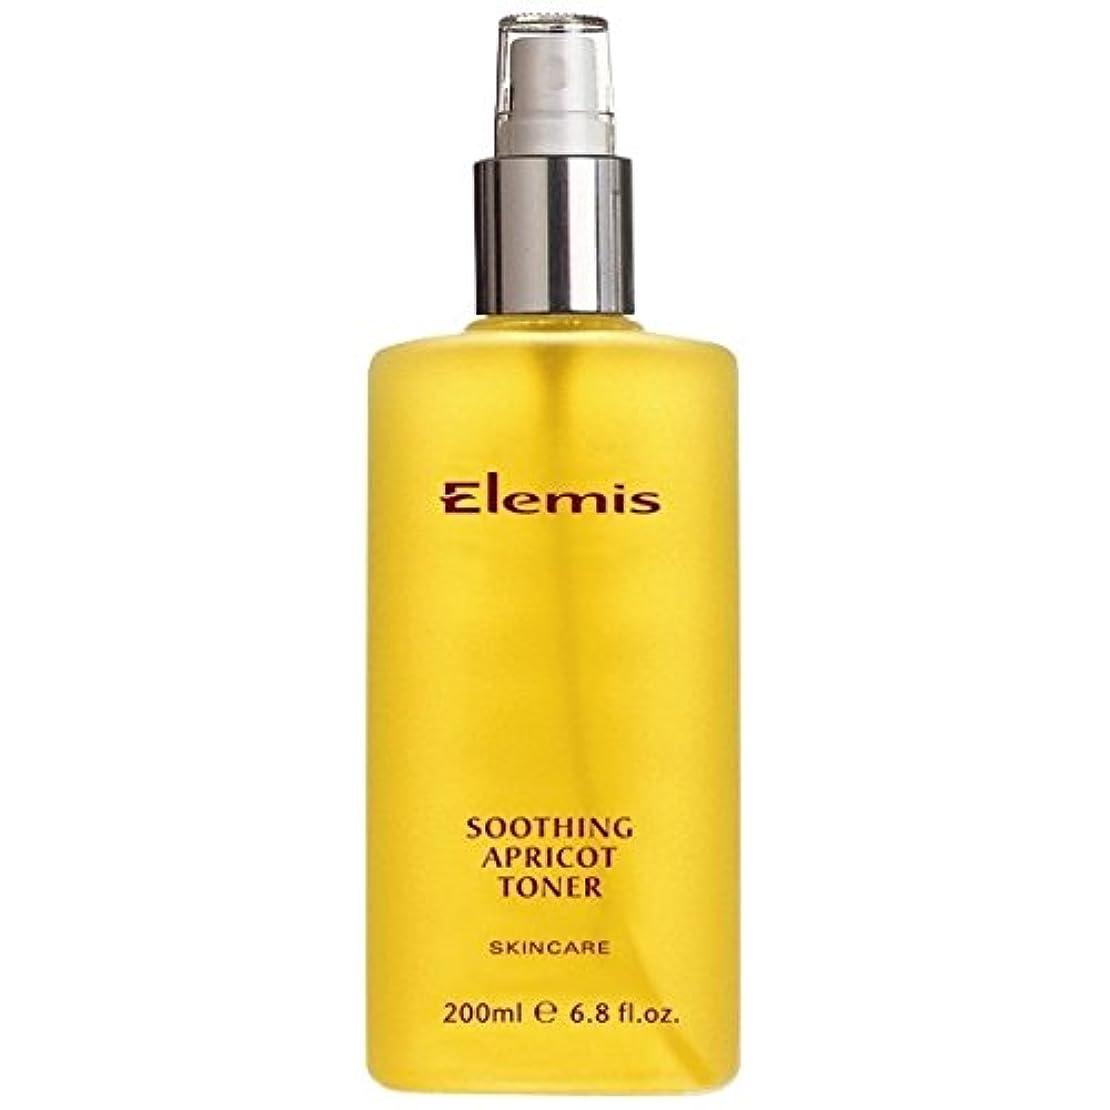 恐怖症永続憂慮すべきエレミスはなだめるようなアプリコットトナーをスキンケア (Elemis) (x2) - Elemis Skincare Soothing Apricot Toner (Pack of 2) [並行輸入品]